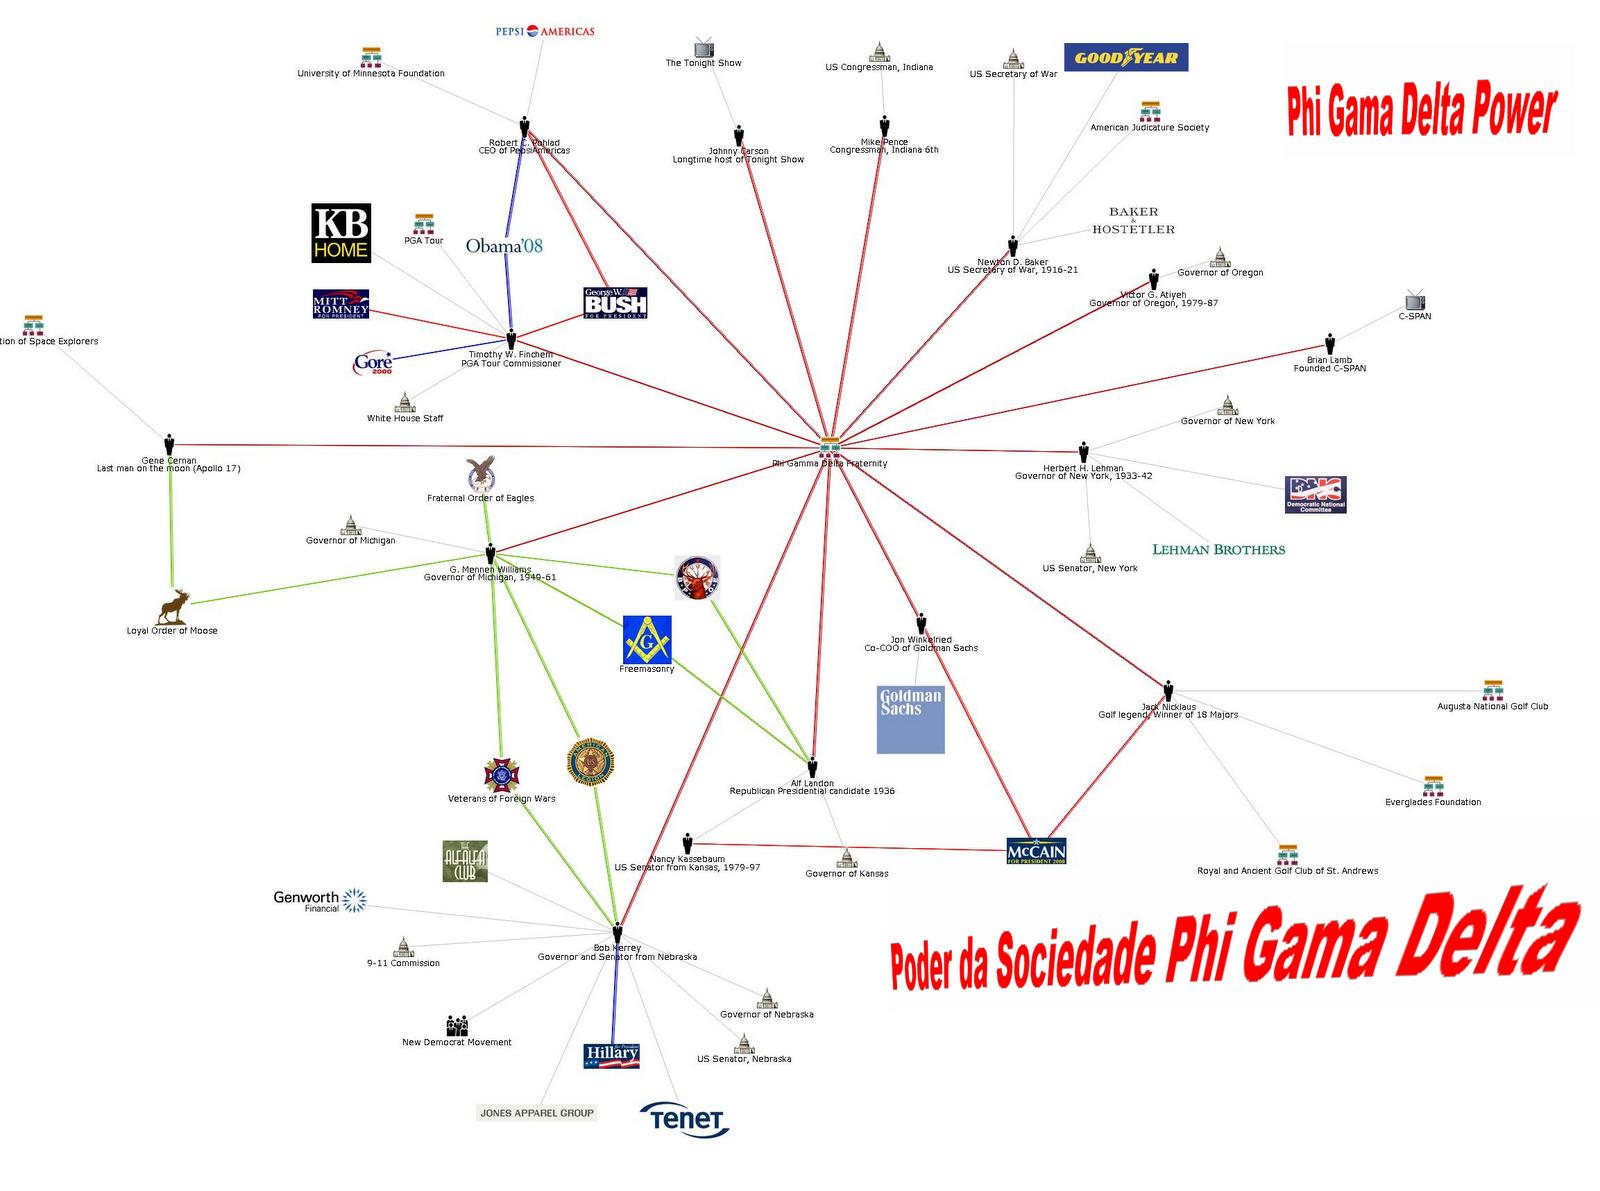 Occupy portugal grcia espanha itlia associao popular organizao phi gamma delta fraternidade irmo campo de aco poder poltico ccuart Choice Image